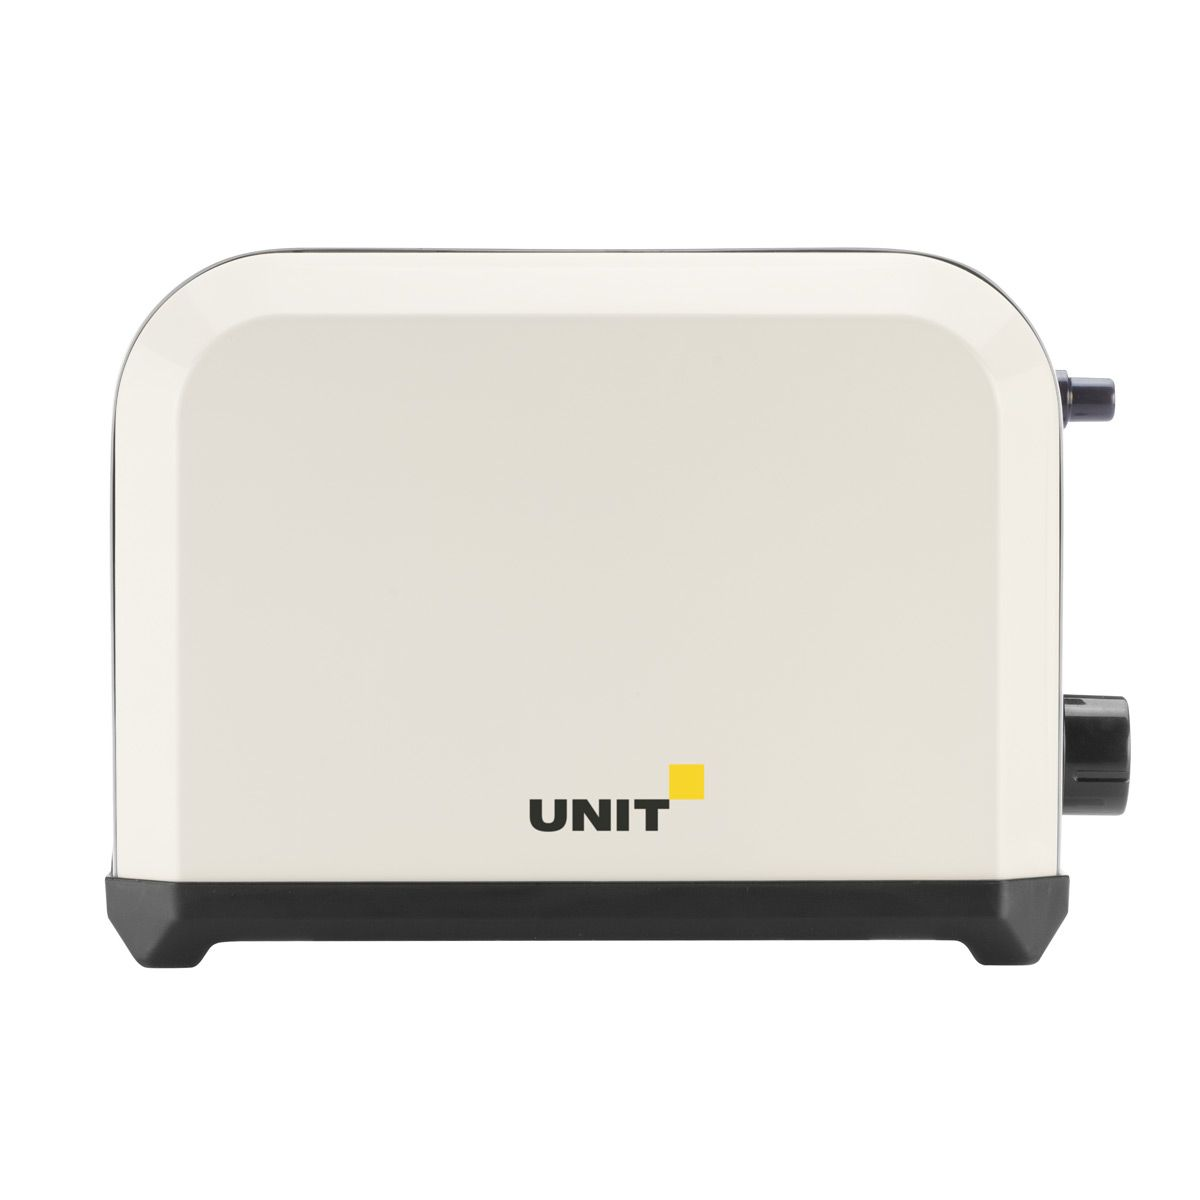 Unit UST-018, Beige тостерCE-0353957Тостер Unit UST-018 представляет собой сочетание удобства, функциональности и элегантного внешнего вида. Мощность в 750 Вт, простота управления и быстрое приготовление тостов, дополняется возможностьювыбора степени прожаривания.Компактное и легкое в управлении устройство позволит приготовить вкуснейшие тосты за считанные минуты стразу на двоих. Вы можете в любой момент остановить процесс поджаривания! Ухаживать за тостером легко иприятно благодаря наличию поддона для крошек.